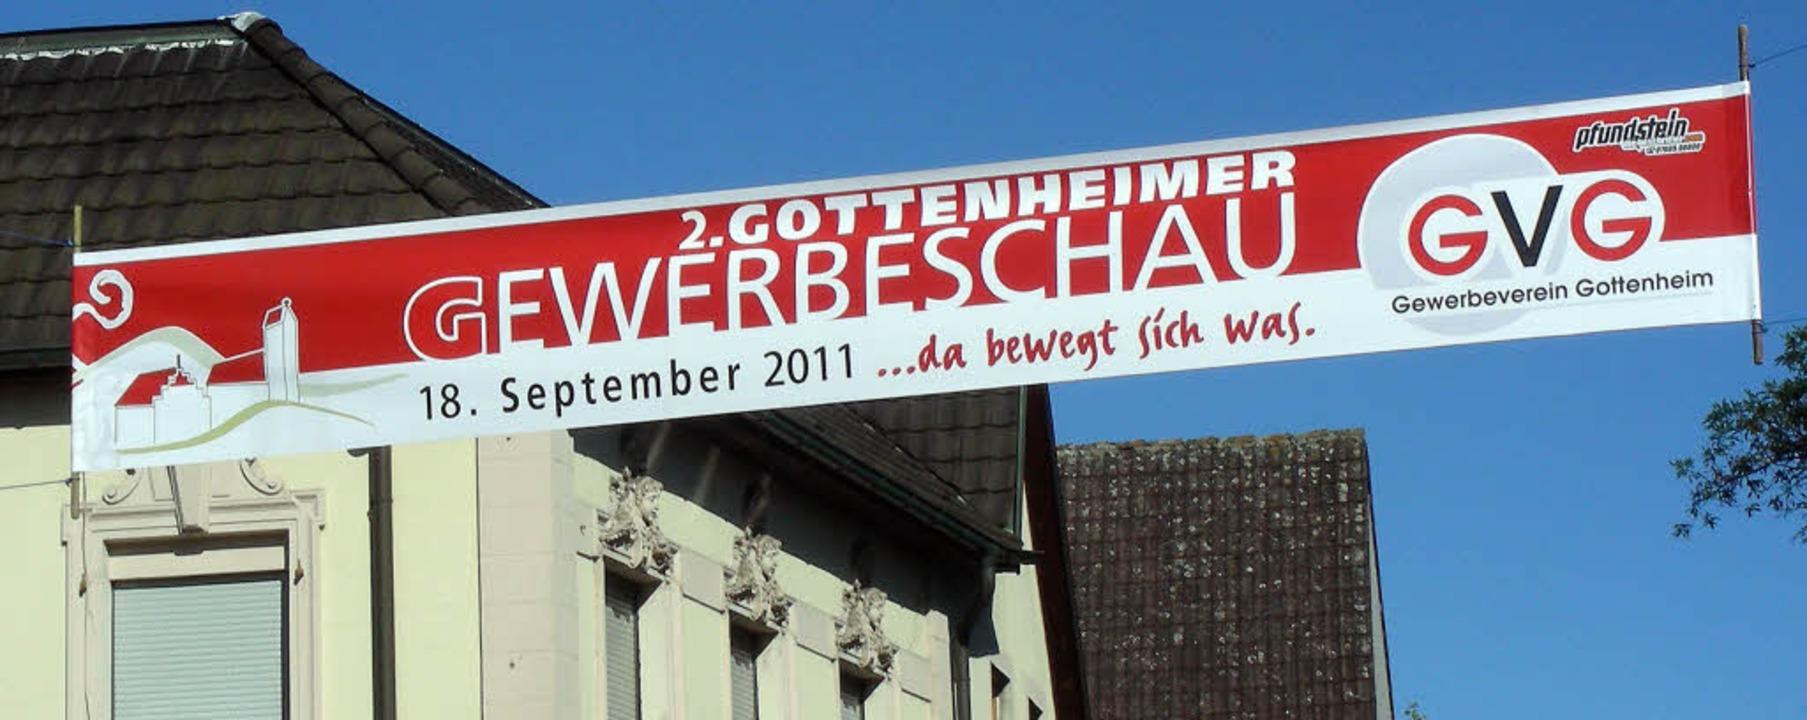 Mit großen Transparenten wirbt Gottenh...seine zweite Gewerbeschau am Sonntag.   | Foto: mario schöneberg